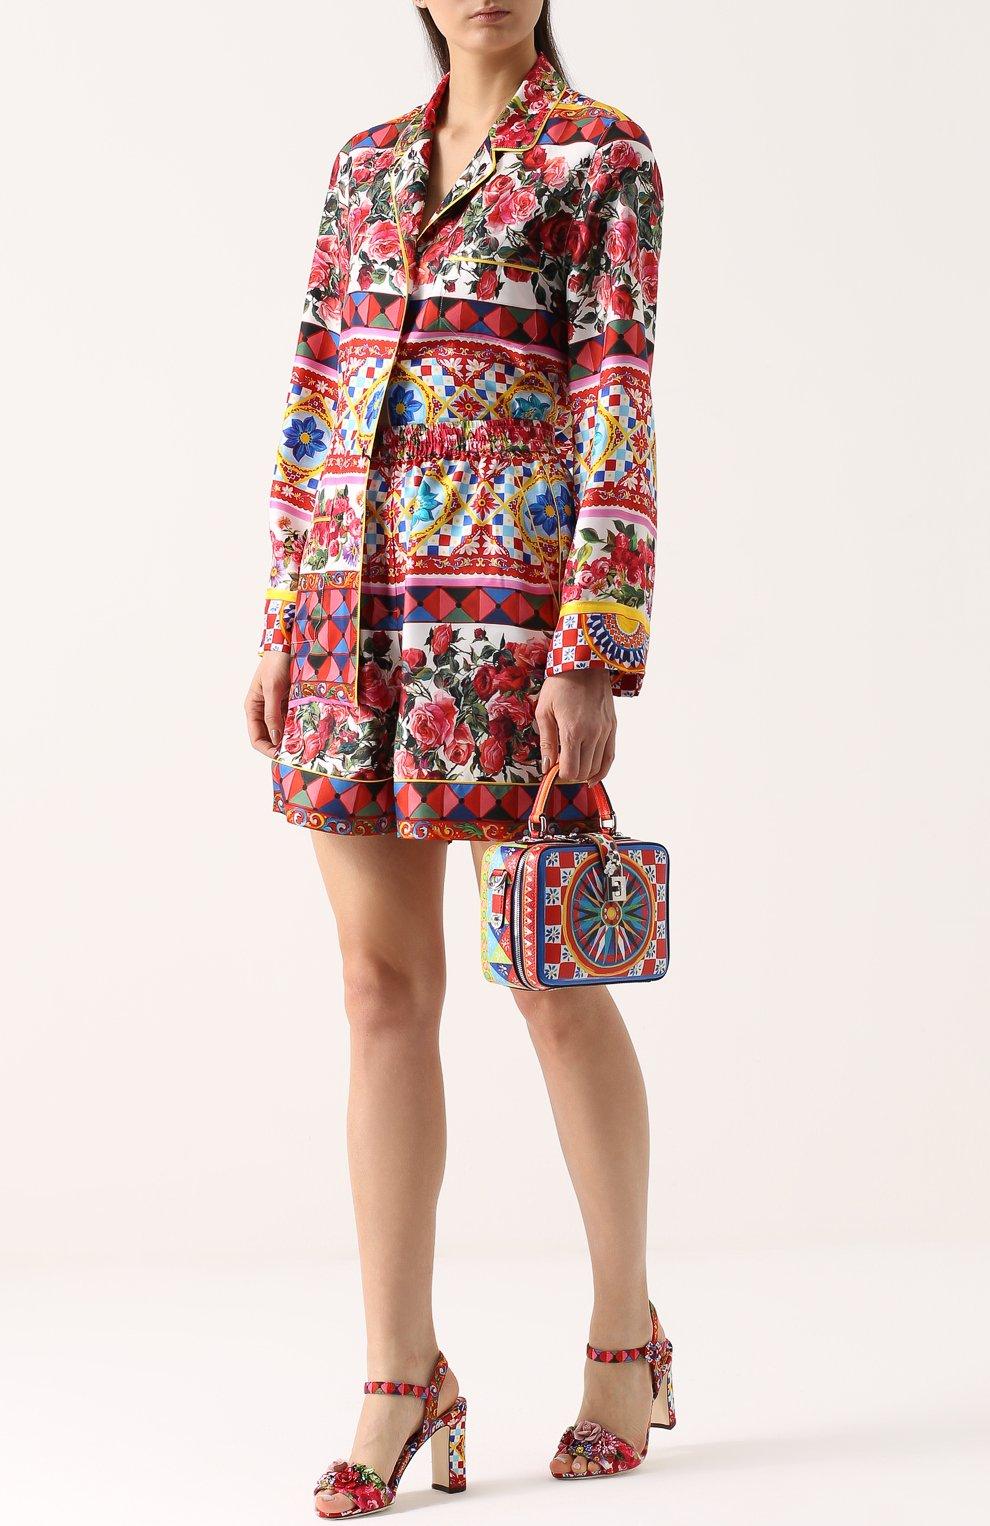 Босоножки Keira из текстиля с принтом и аппликациями Dolce & Gabbana разноцветные   Фото №2